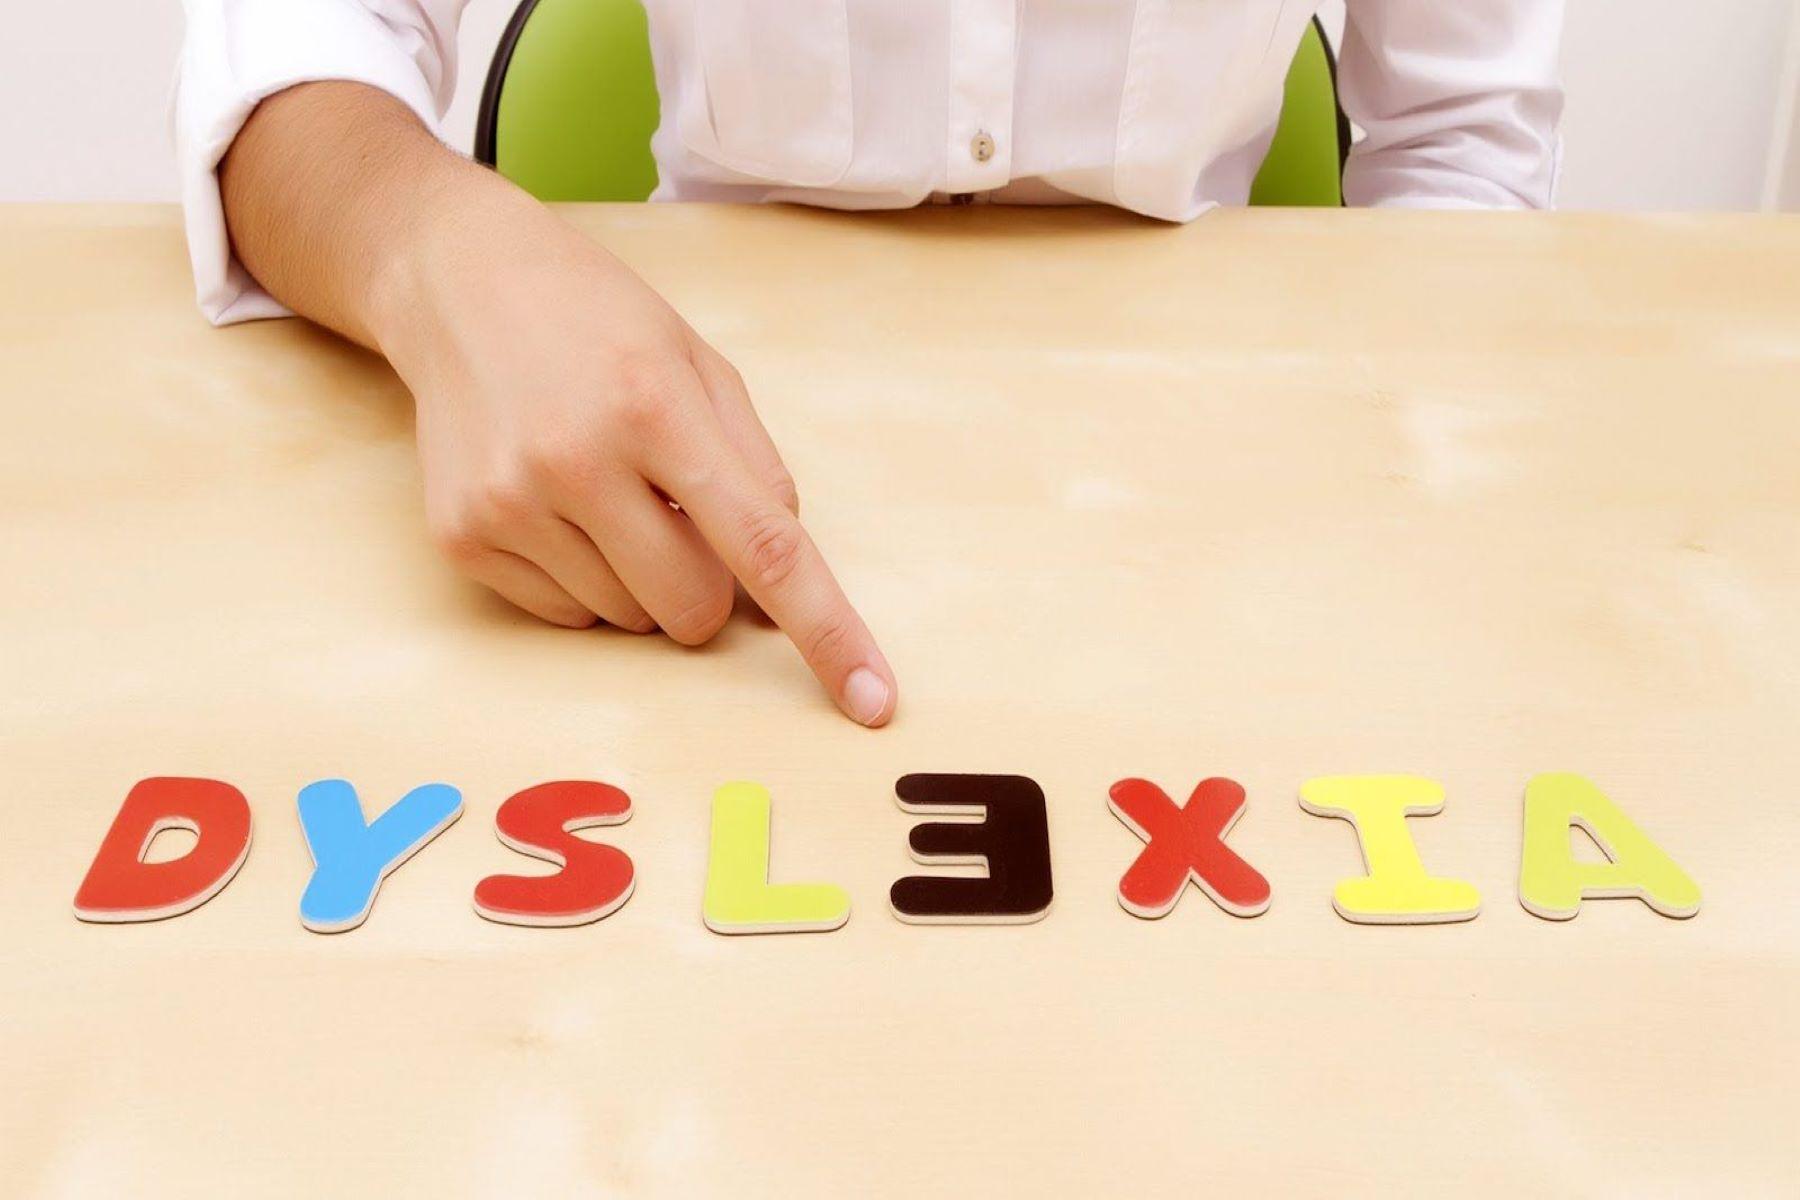 Δυσλεξία συμπτώματα: Τι θα σας προβληματίσει στα παιδιά σας